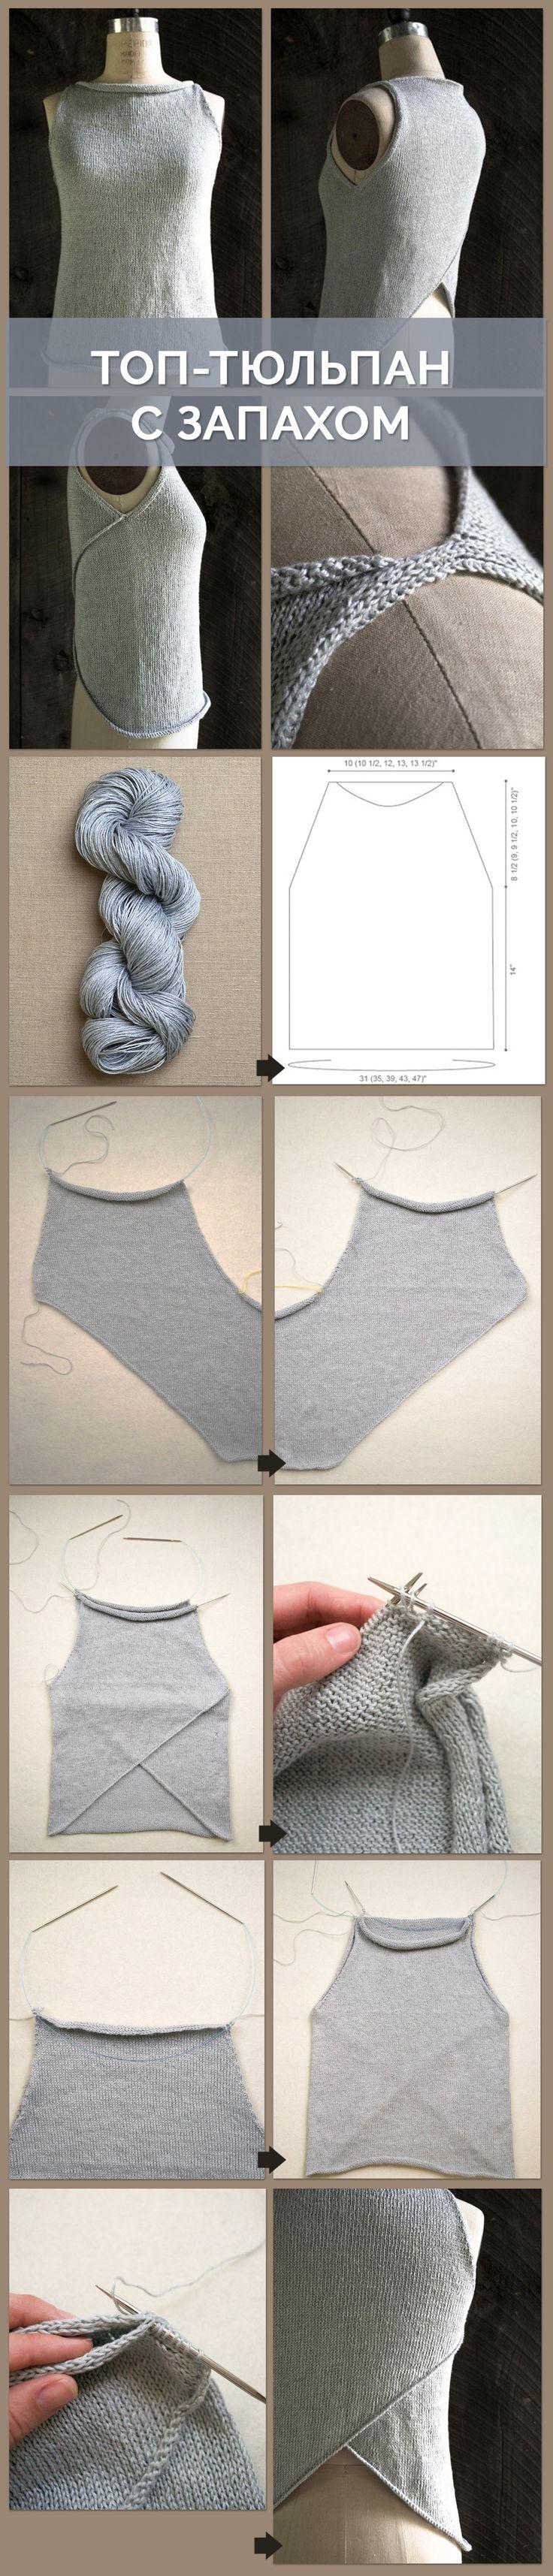 Игривый, но лаконичный вязаный топ с открытой спиной  Идеально подойдет пряжа из льна, хлопка или вискозы. #handmade #топ #вязание #пряжа #нитки #осень #мода